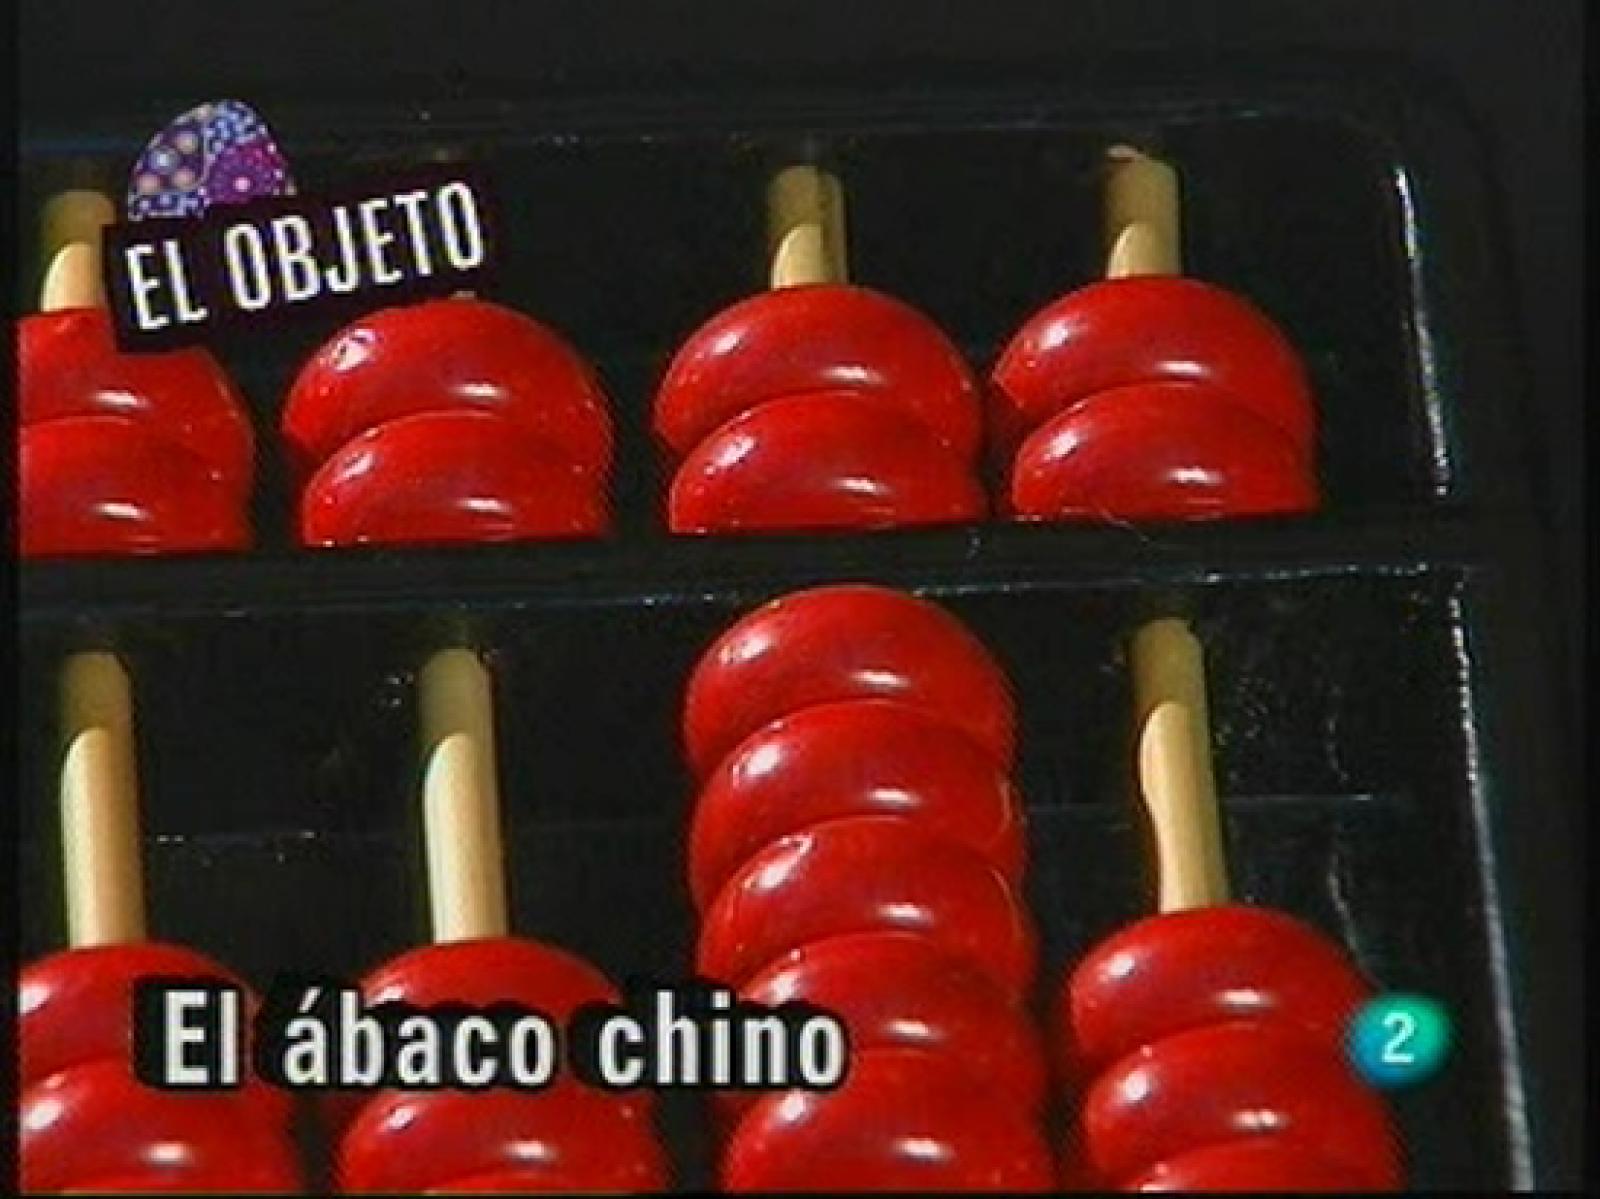 Babel en TVE - El objeto: El ábaco chino - RTVE.es